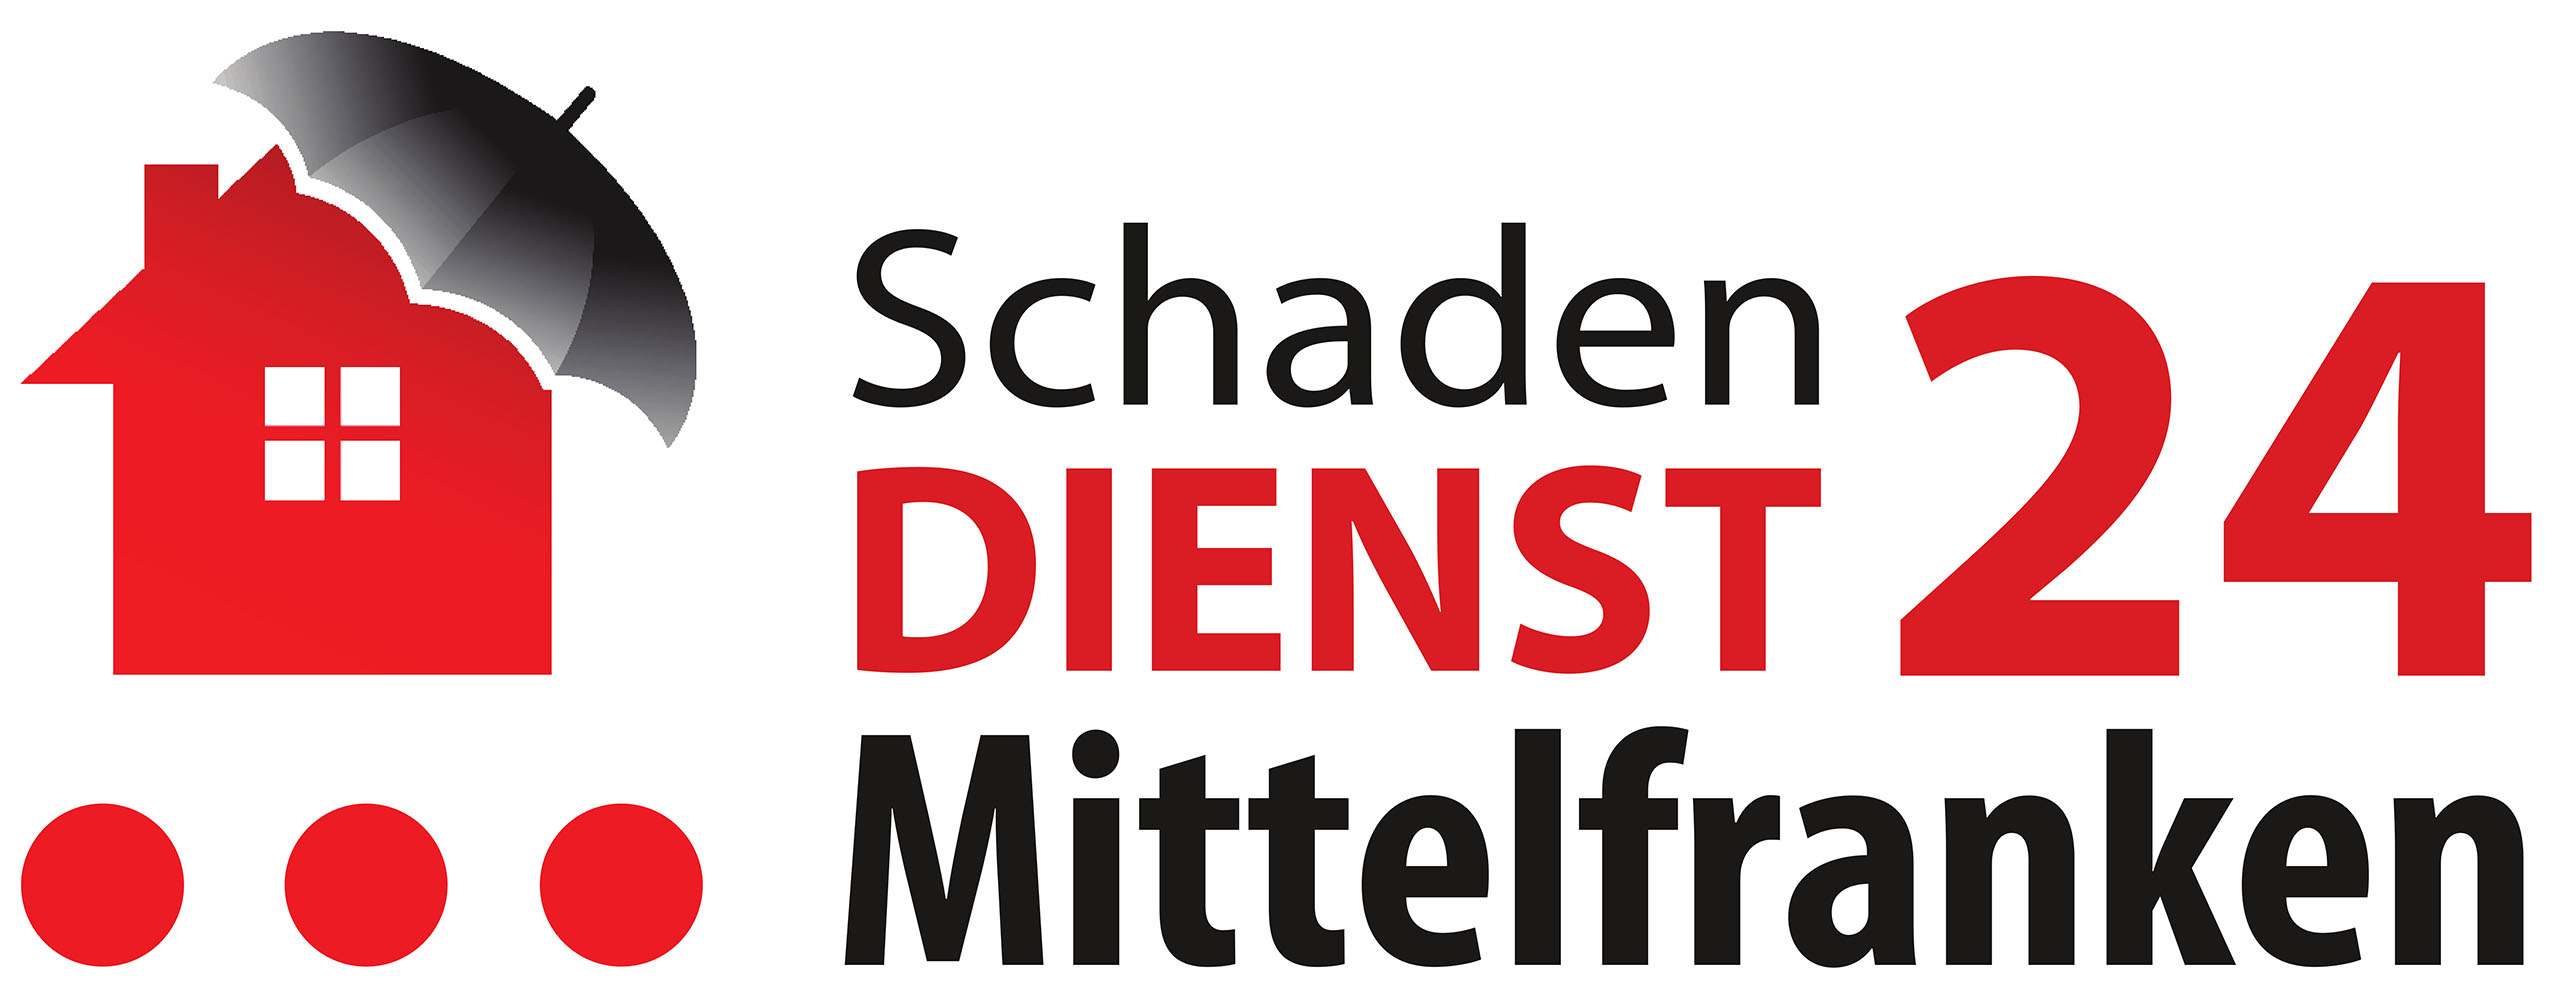 SchadenDIENST24 Mittelfranken Logo